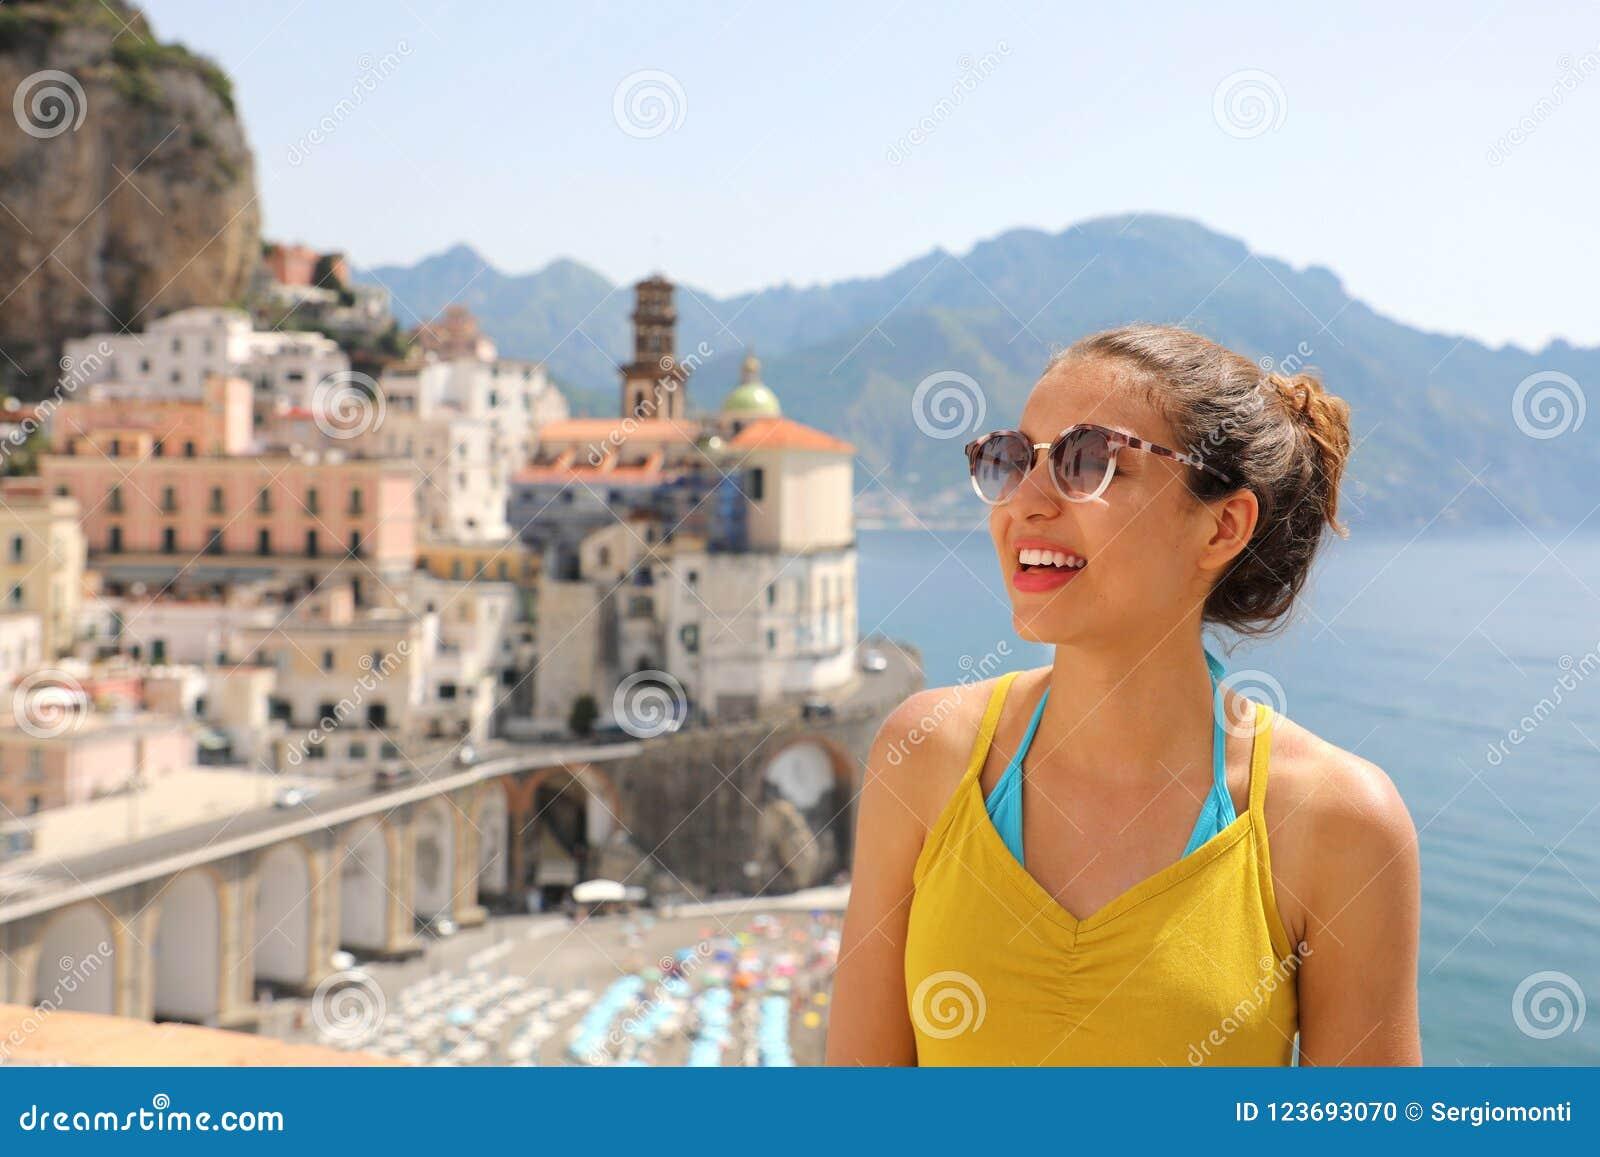 Retrato de la mujer sonriente joven con las gafas de sol en el pueblo de Atrani, costa de Amalfi, Italia Imagen del turista femen